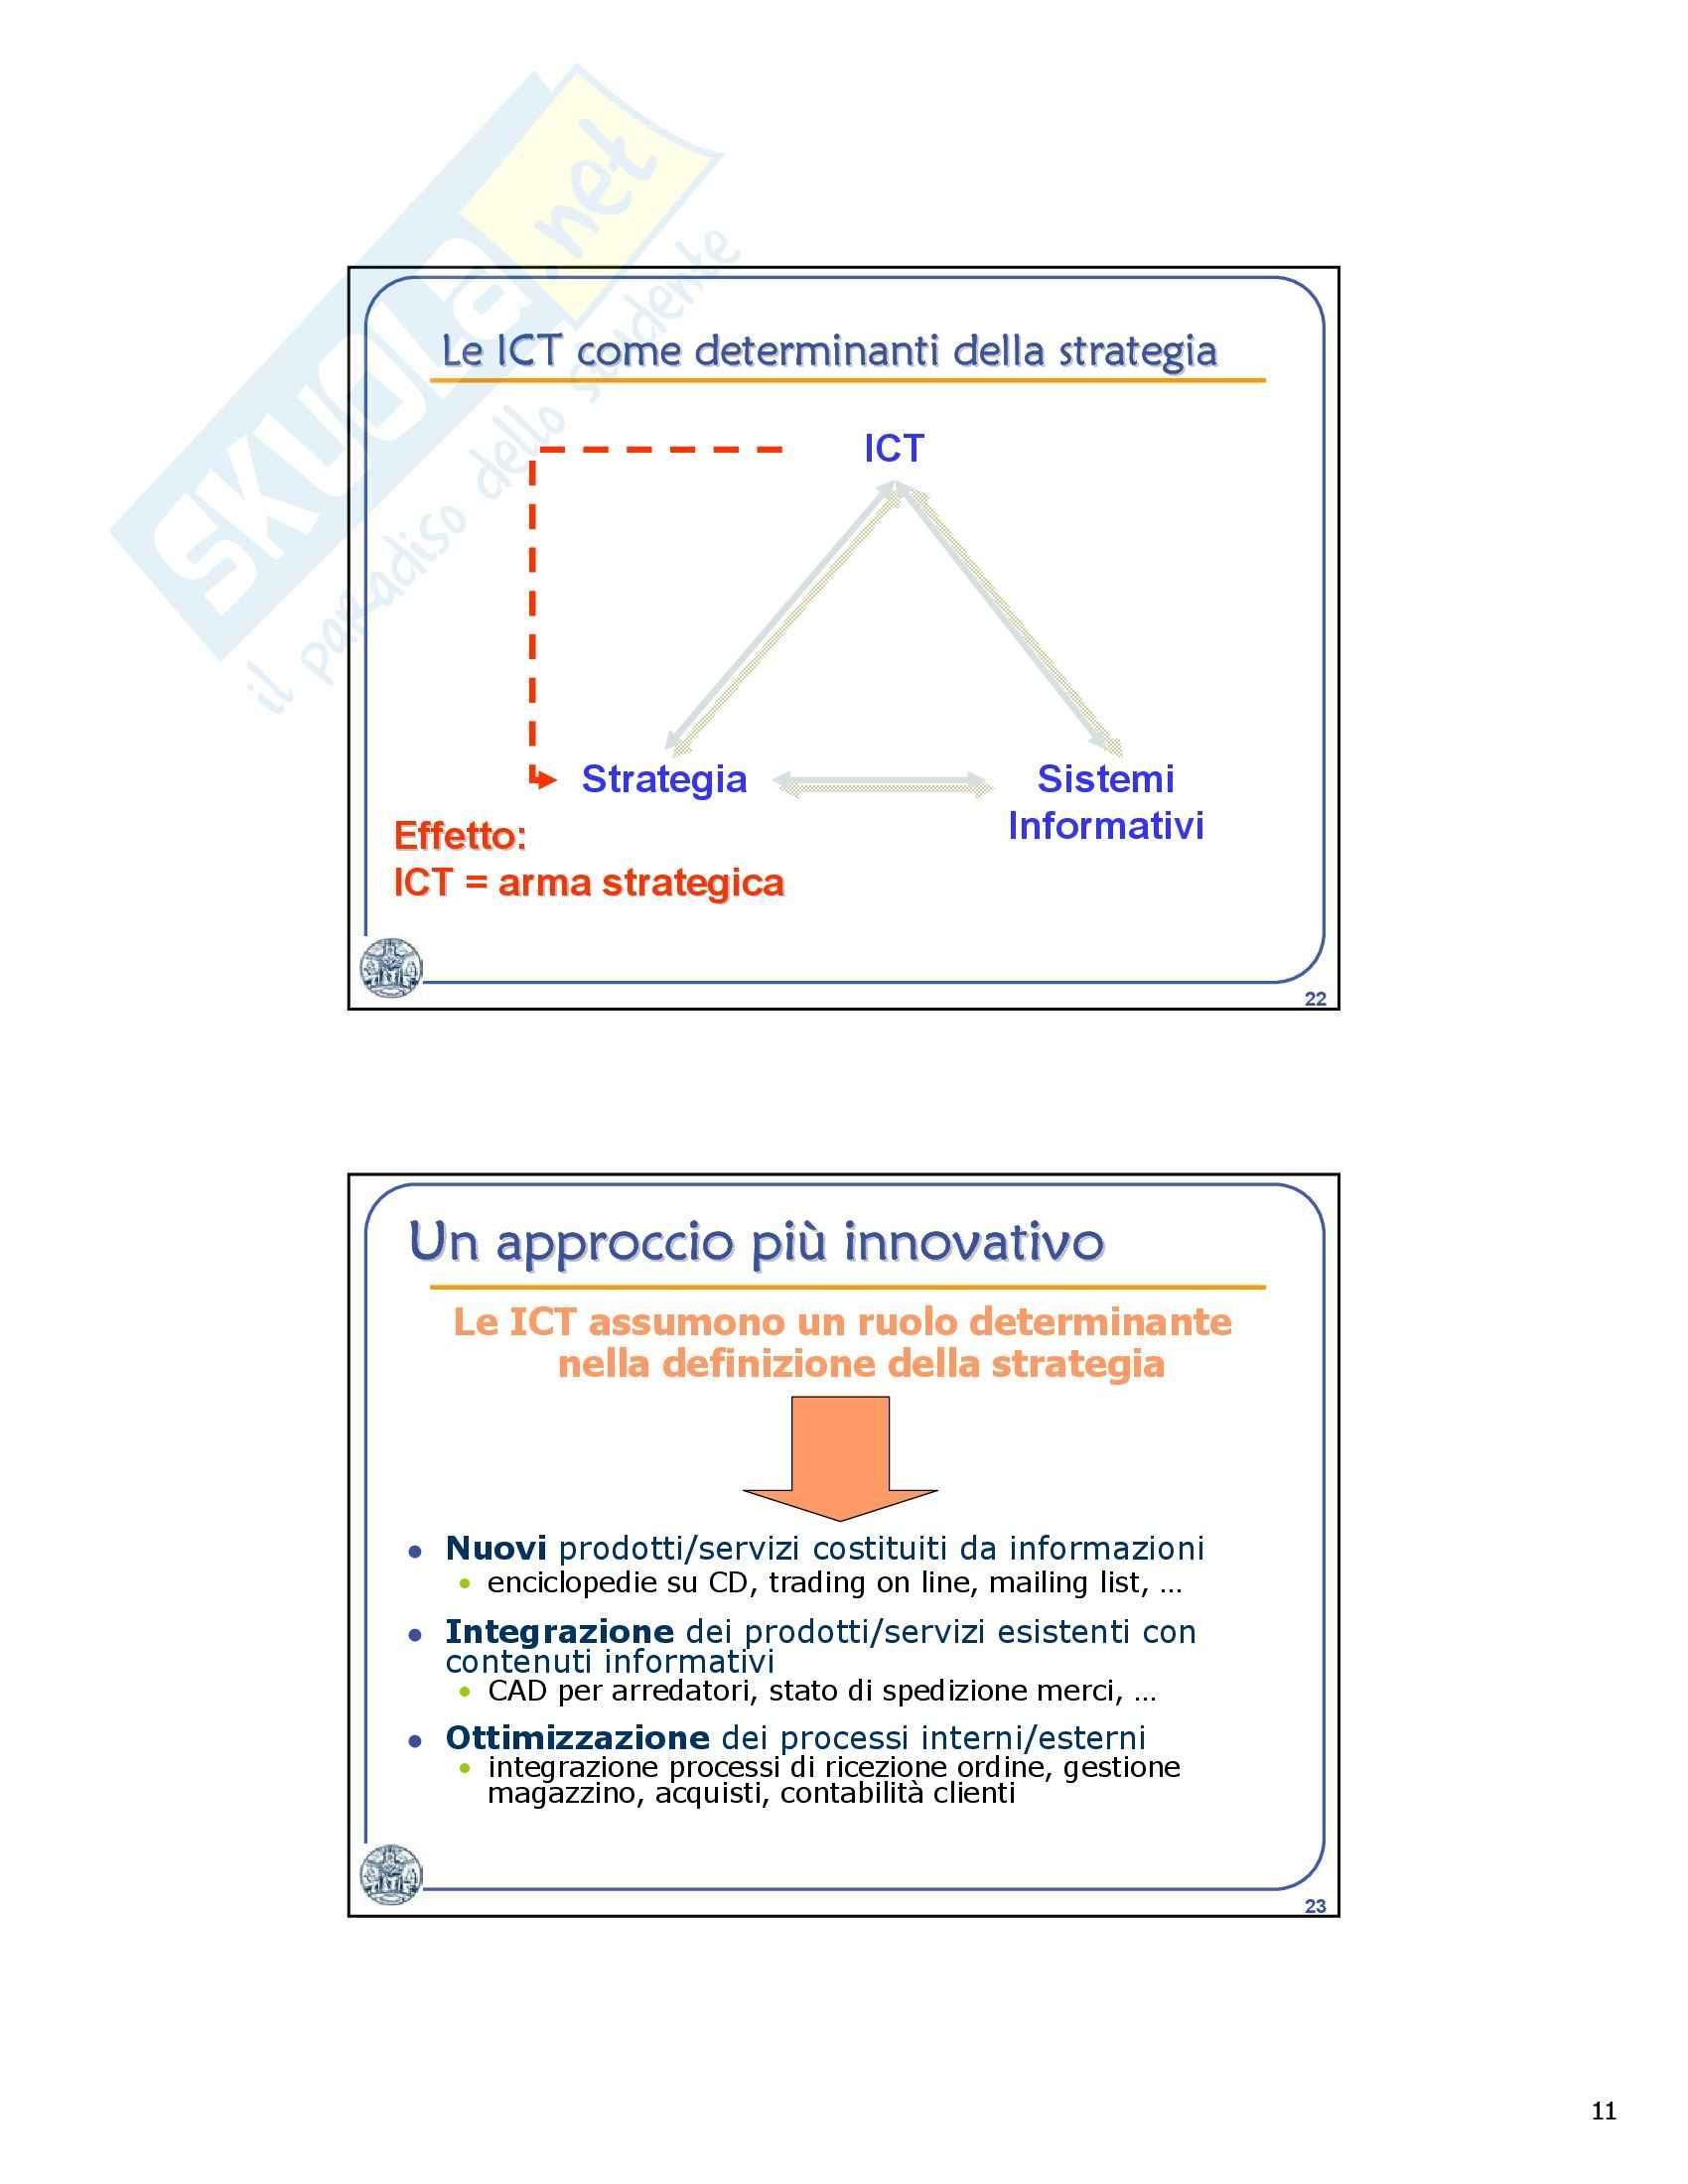 Informatica generale - sistemi per la gestione dell'informazione Pag. 11